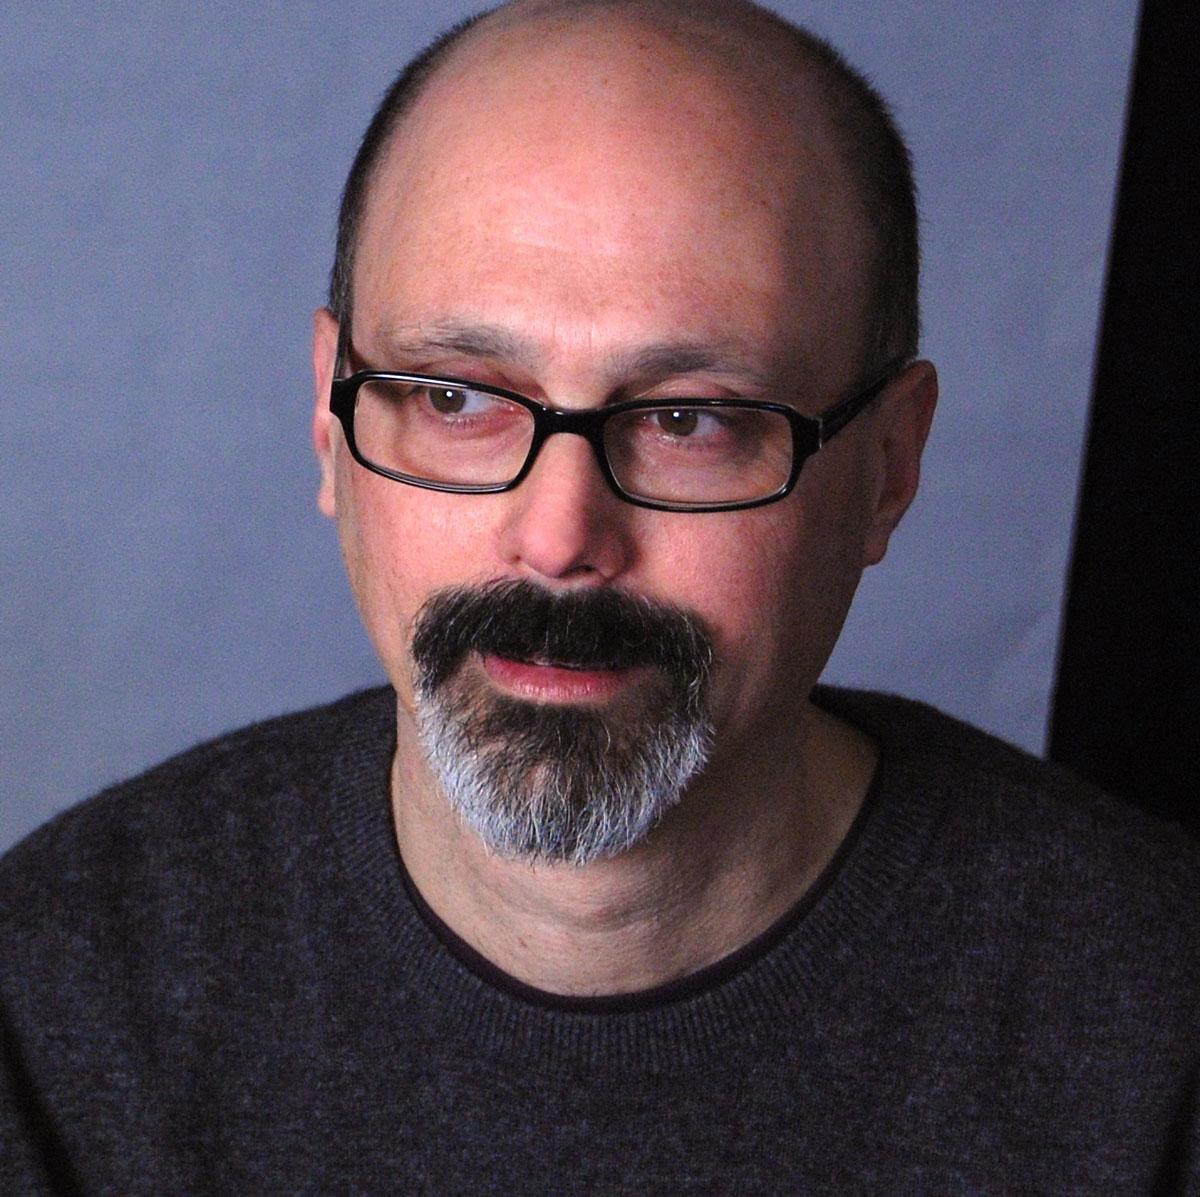 04 Steven Ascher Headshot.jpg